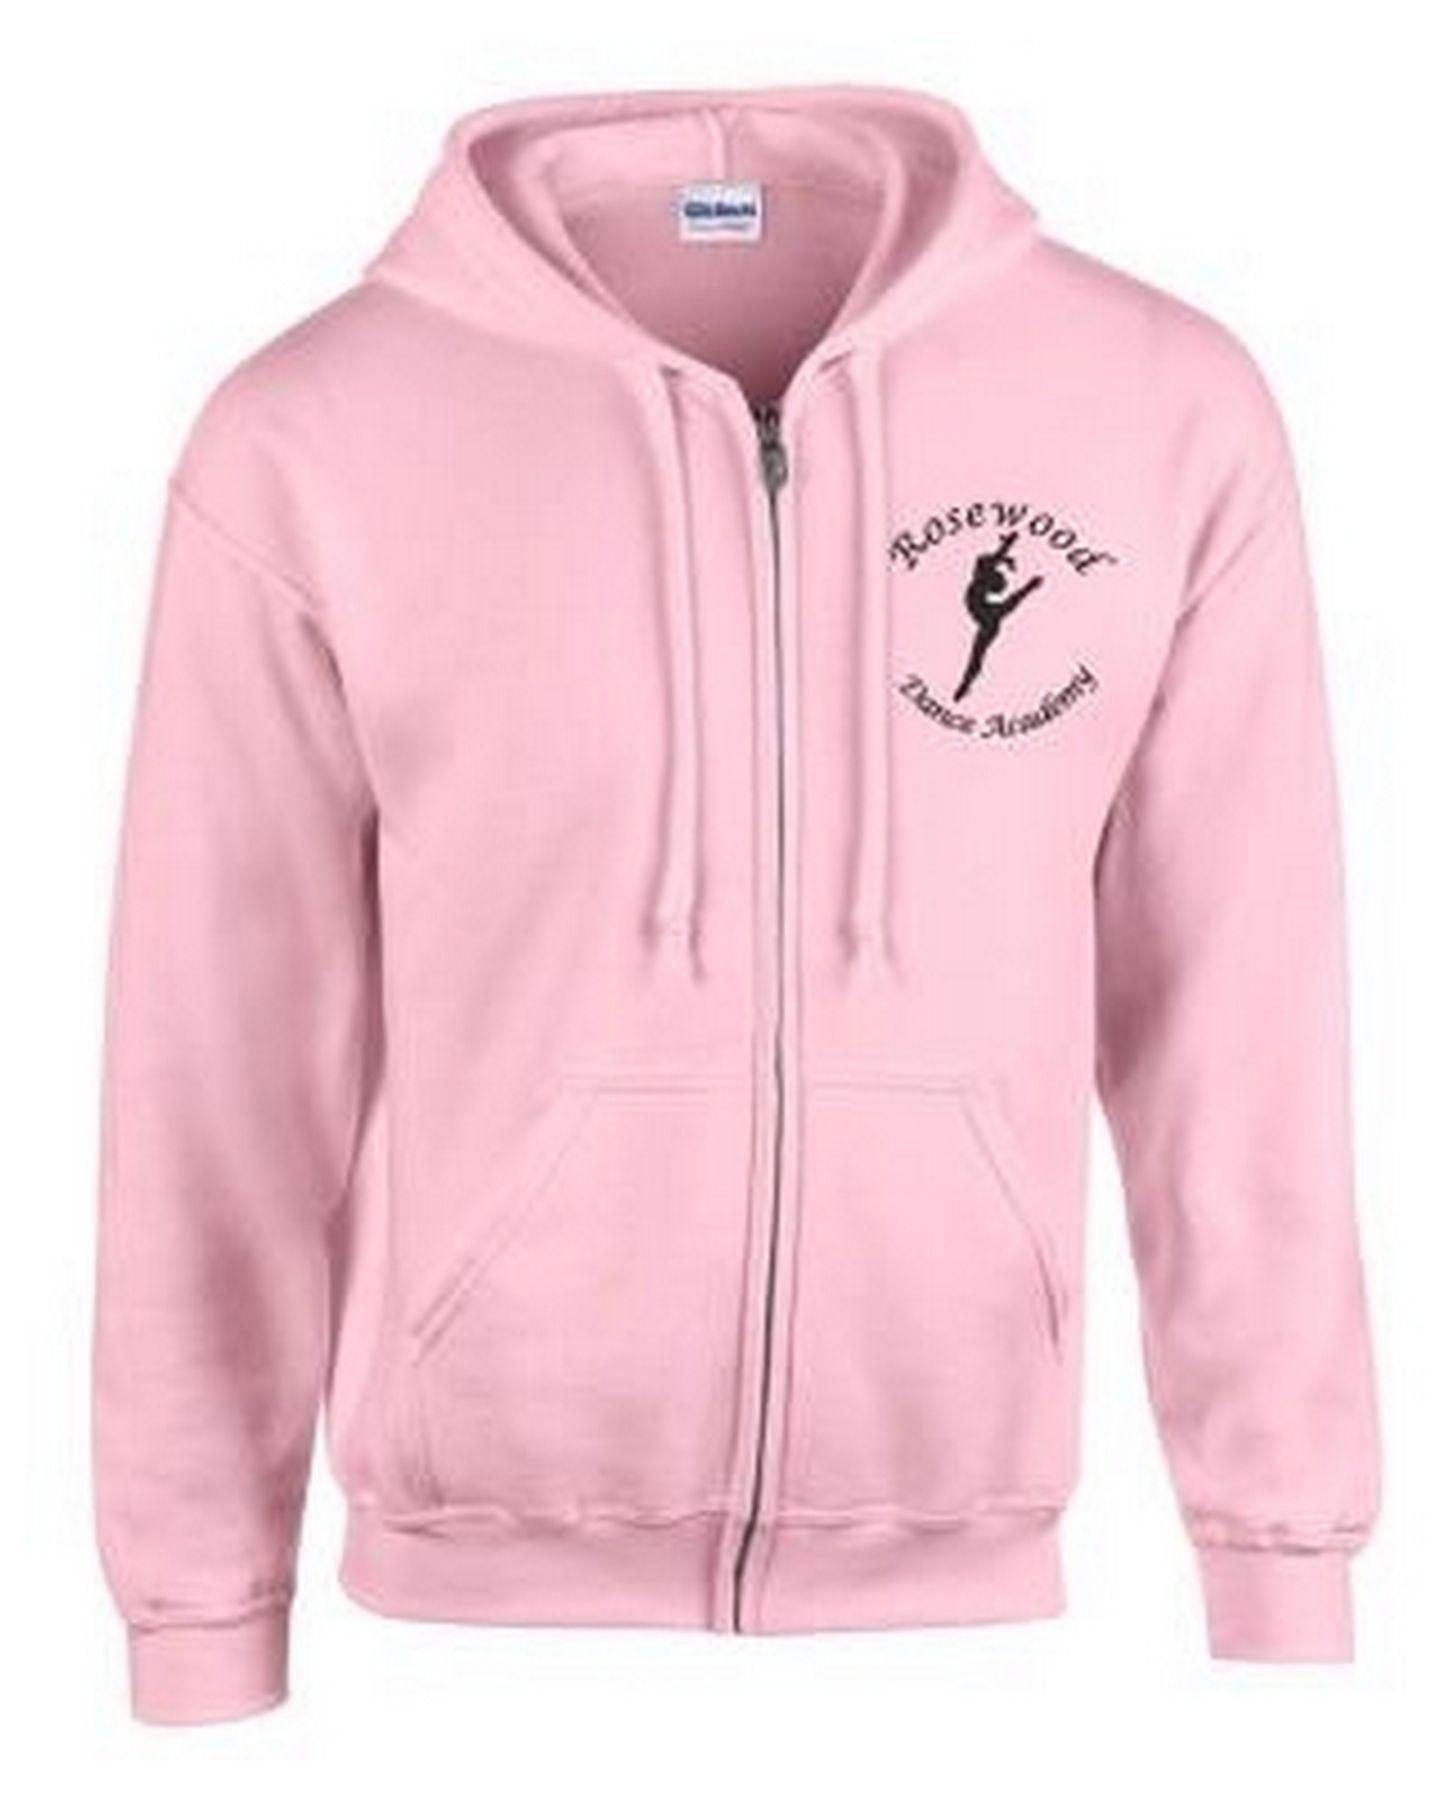 Rosewood Zip Up Hoodie Baby Pink Childrens